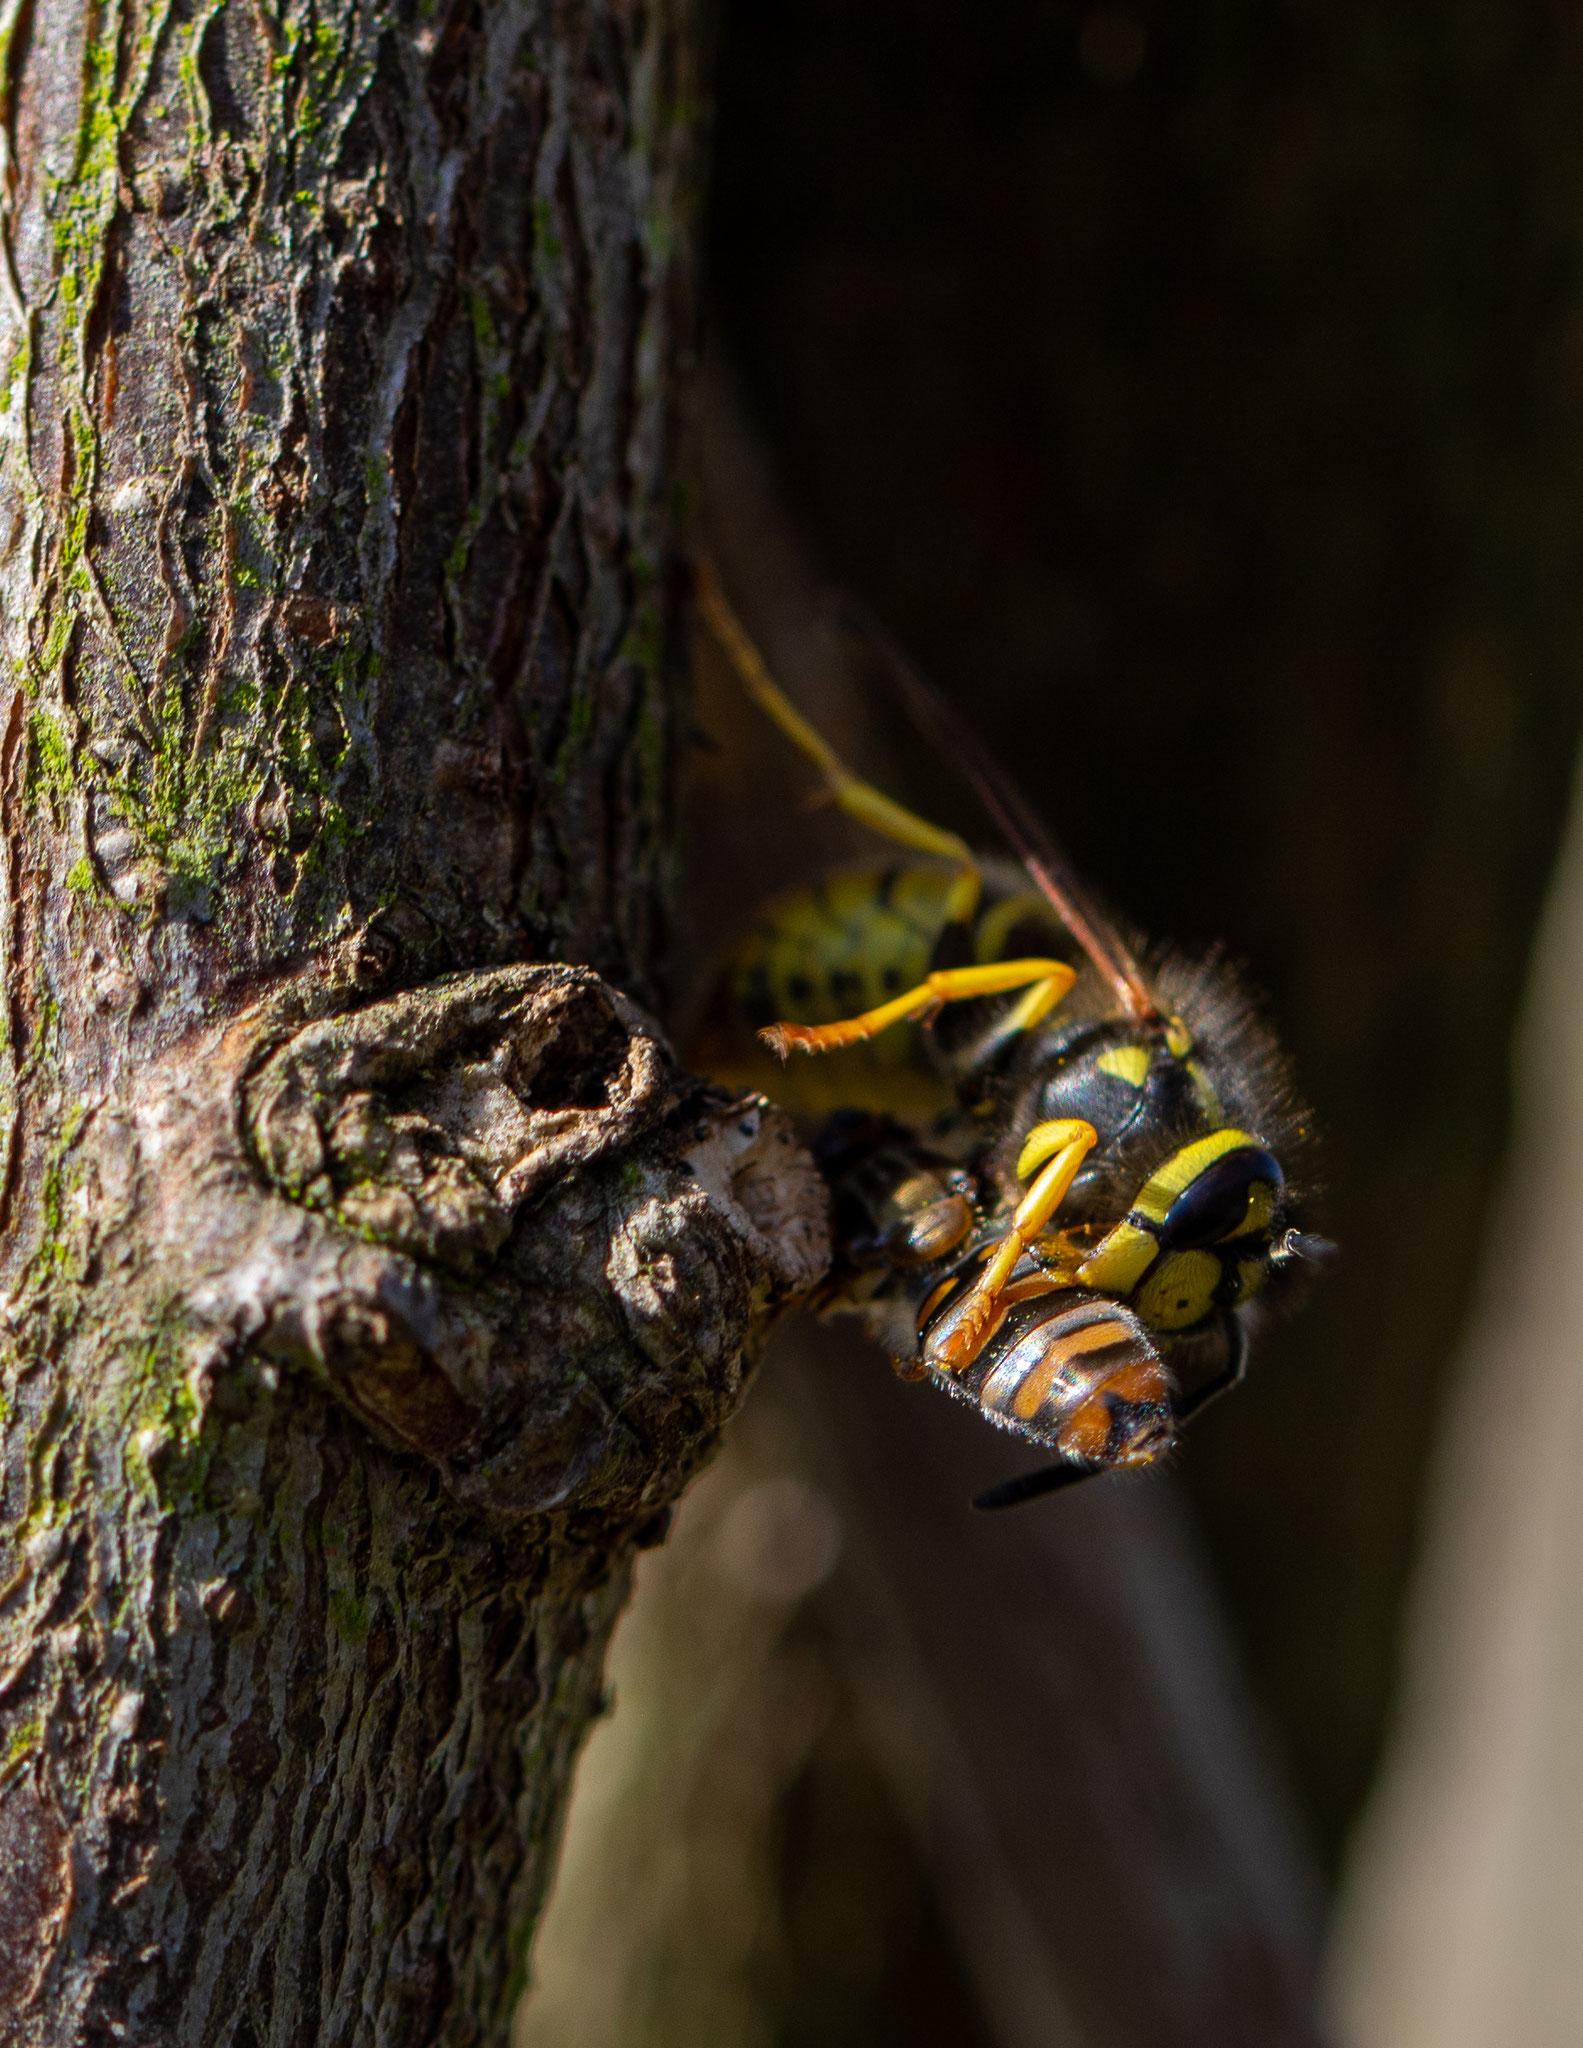 Gemeine Wespe frisst Hainschwebfliege (Foto: Dr. Ute Nieveler)